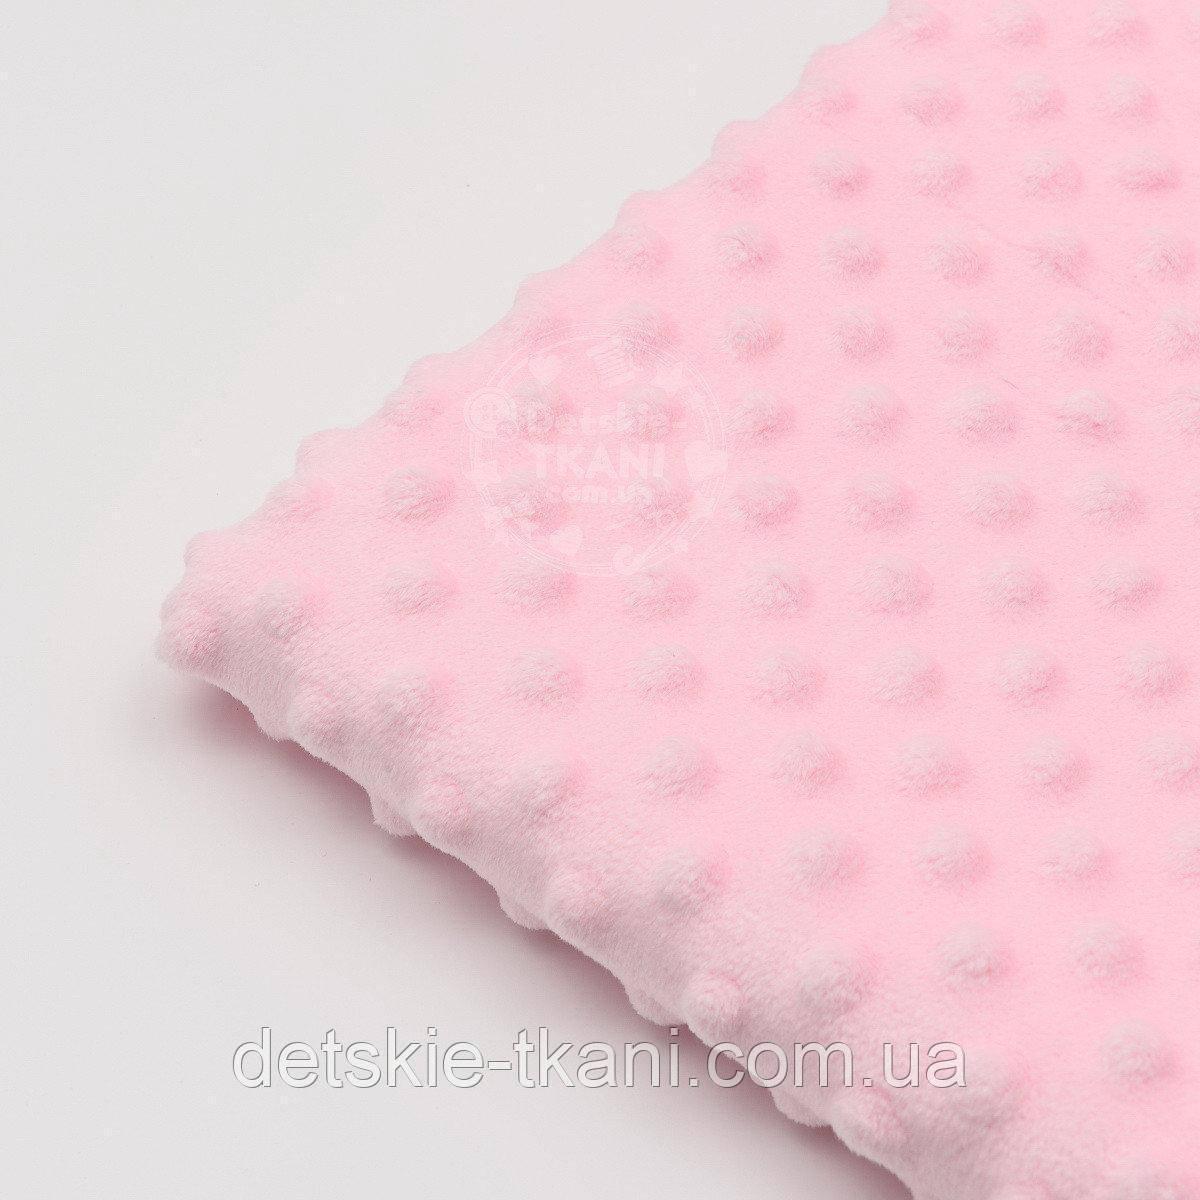 Пять лоскутов плюша minky М-6 цвет светло розовый, размер 120*15,19*30,45*20(2шт),40*50 см